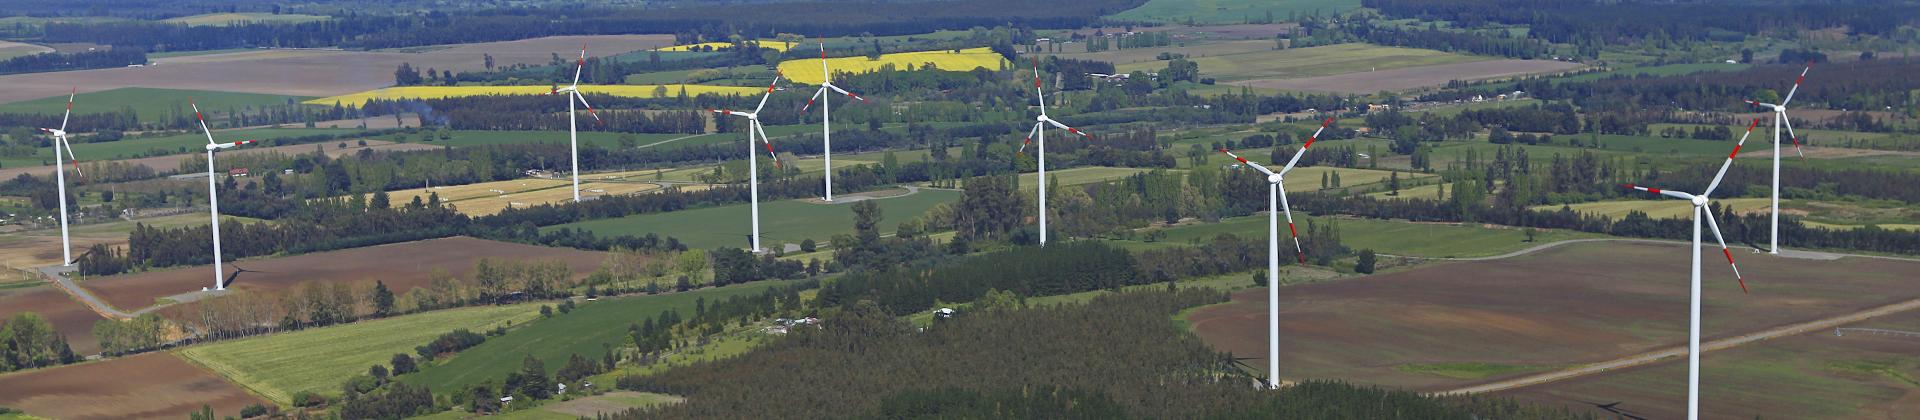 Aerial turbines